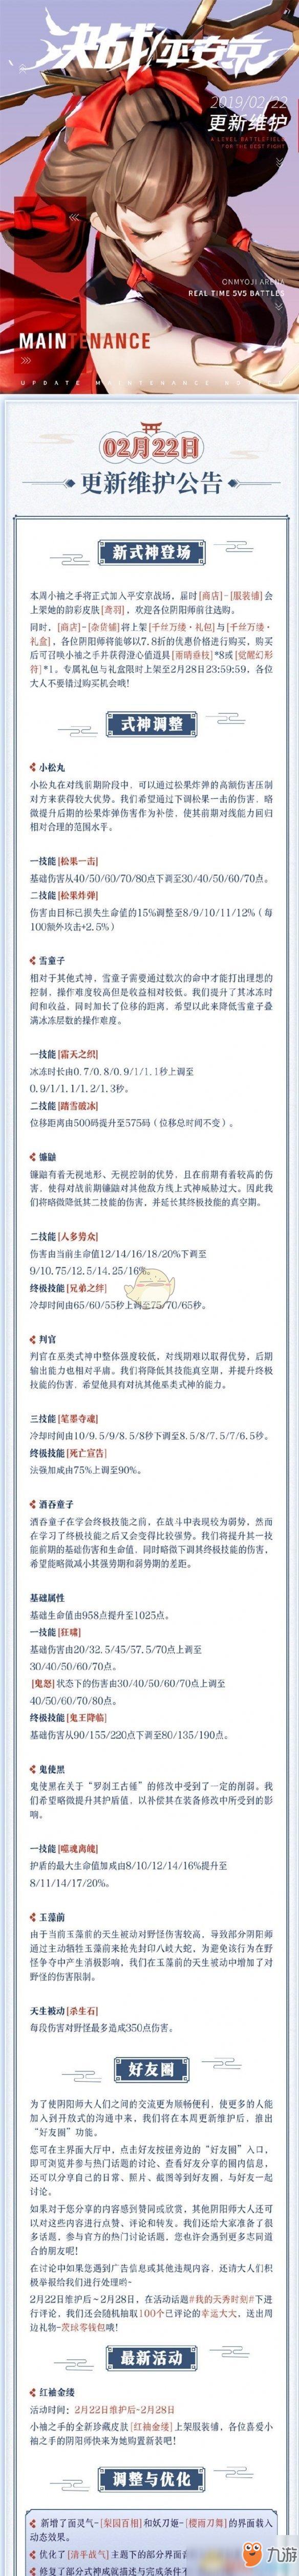 《决战平安京》2月22日更新内容汇总 2月22日更新内容一览